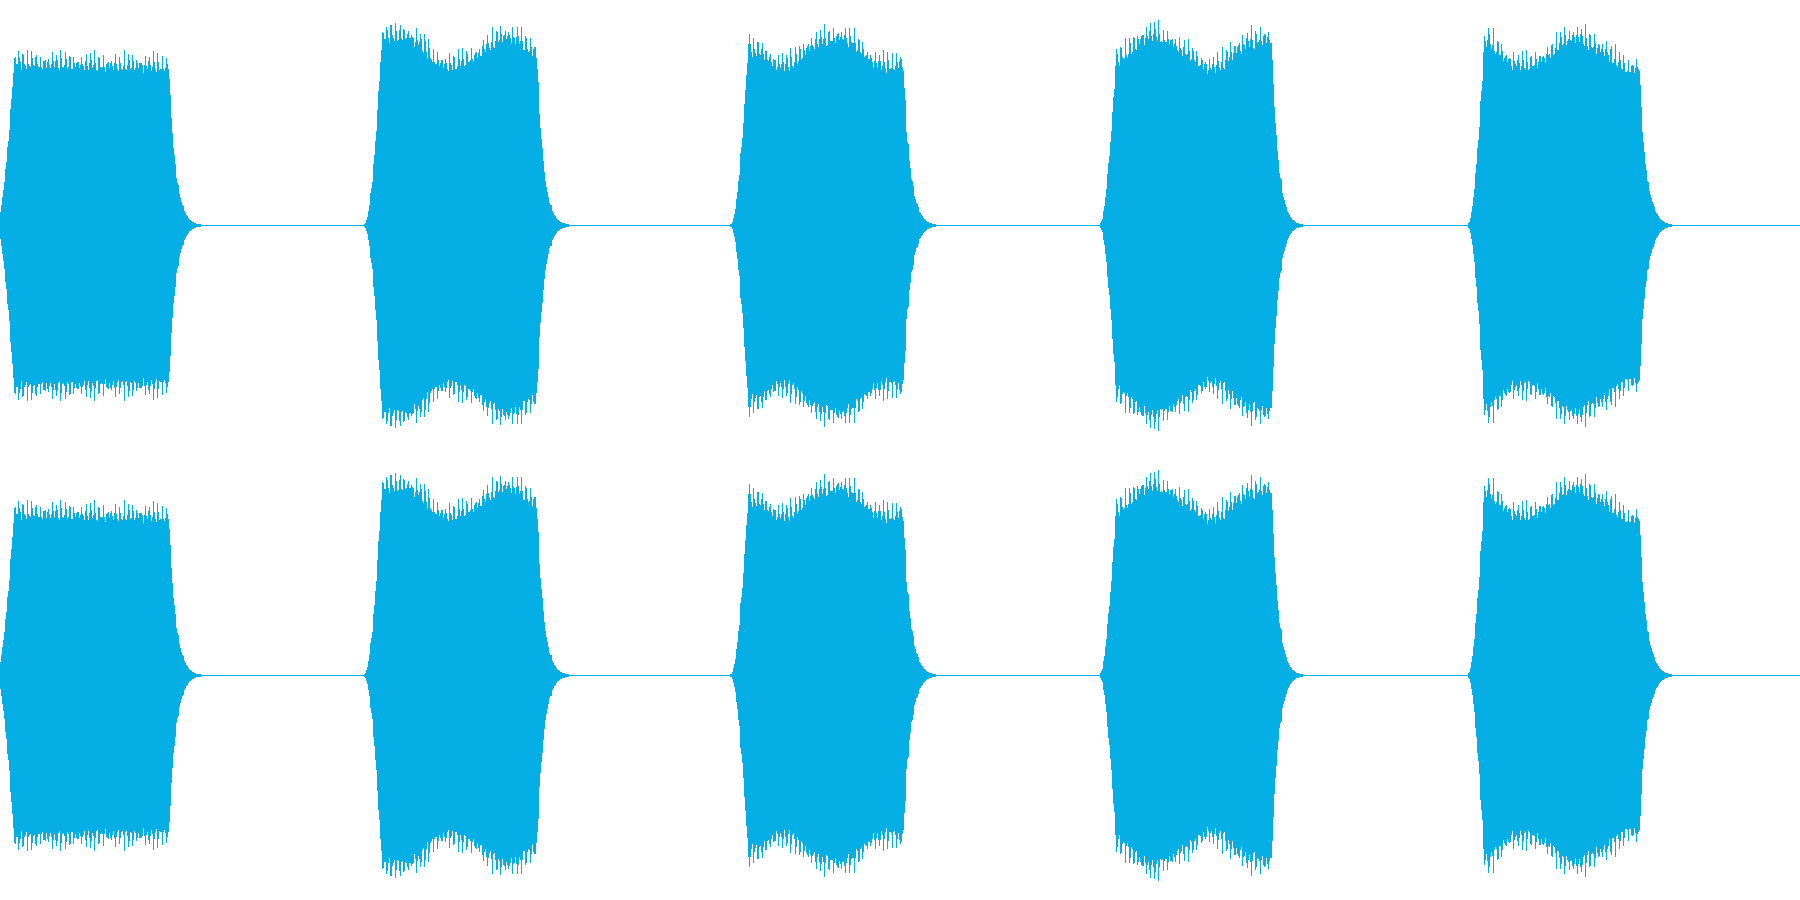 ピピピ:名前などを表示する時のテキスト音の再生済みの波形